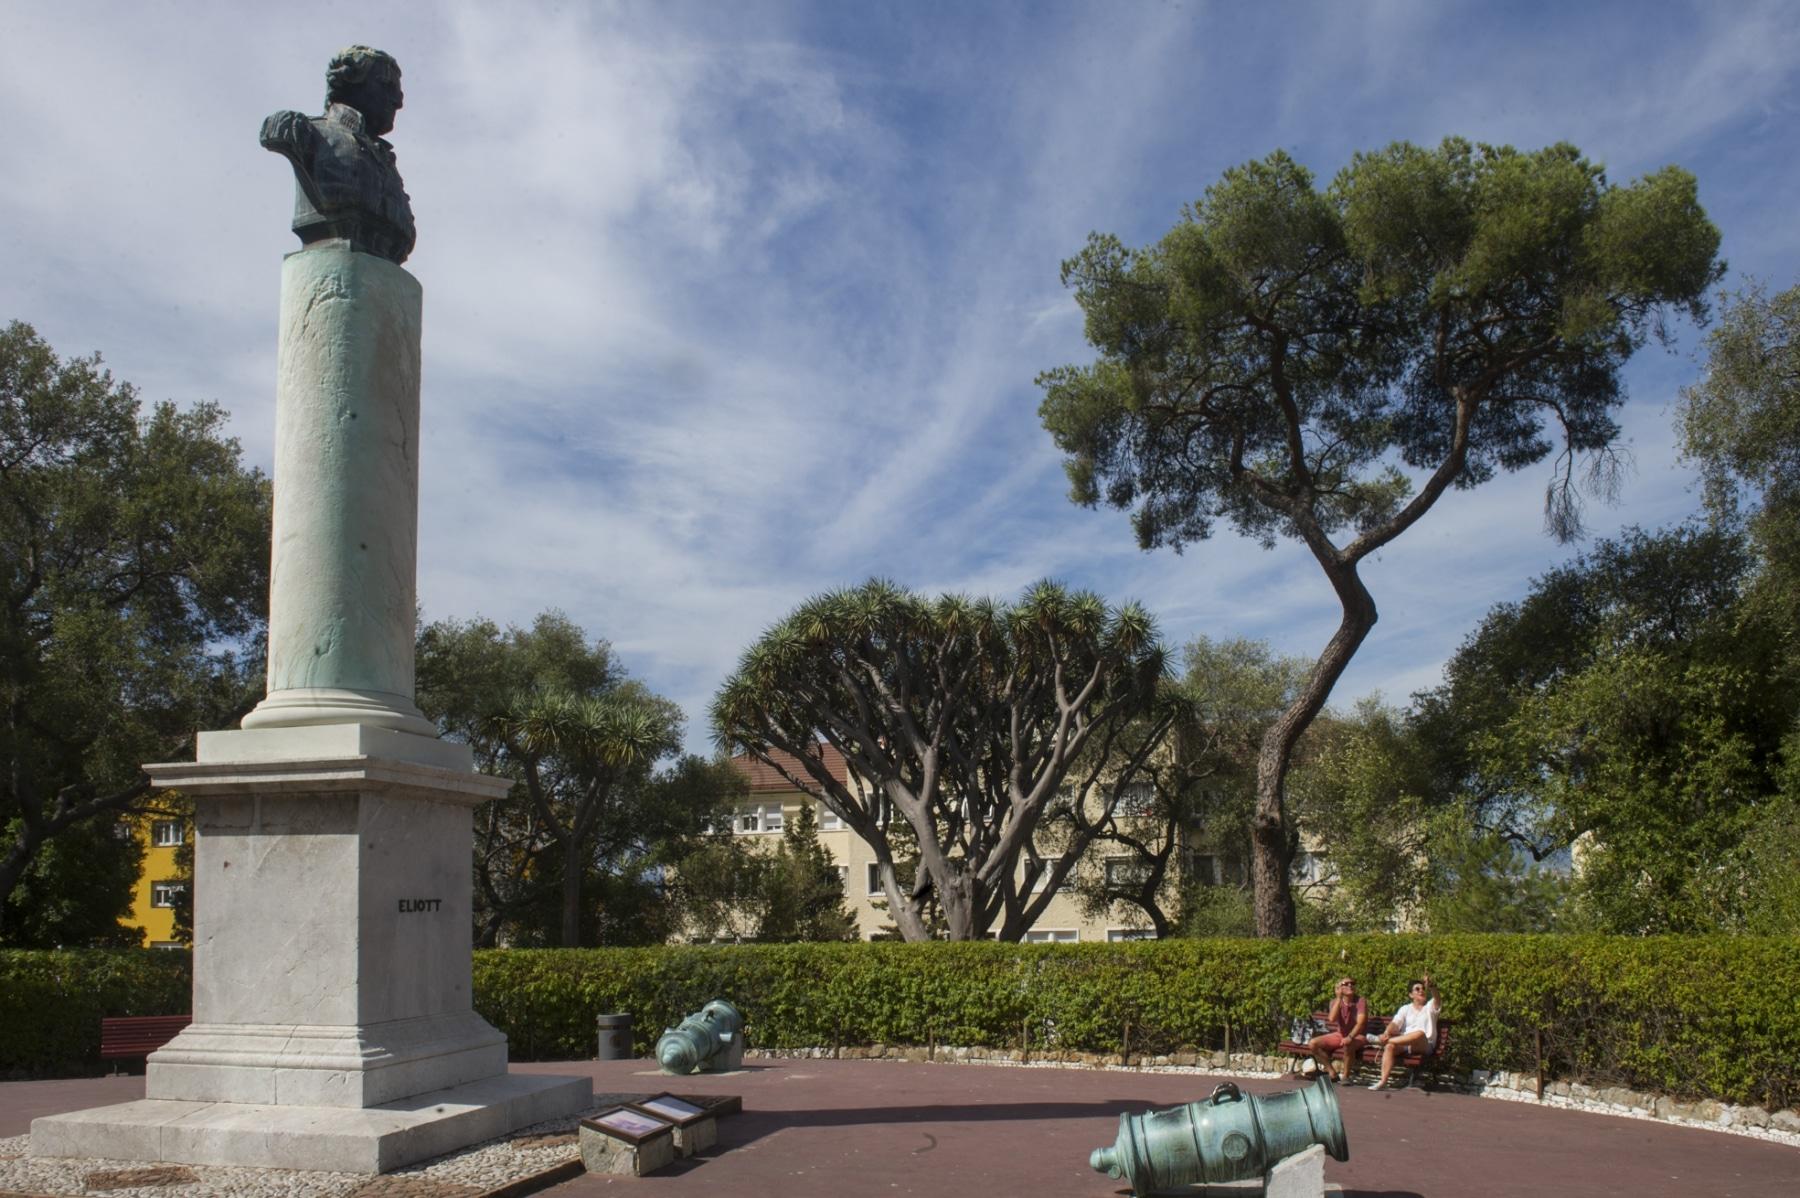 turismo-en-gibraltar-092015-573_22730749002_o